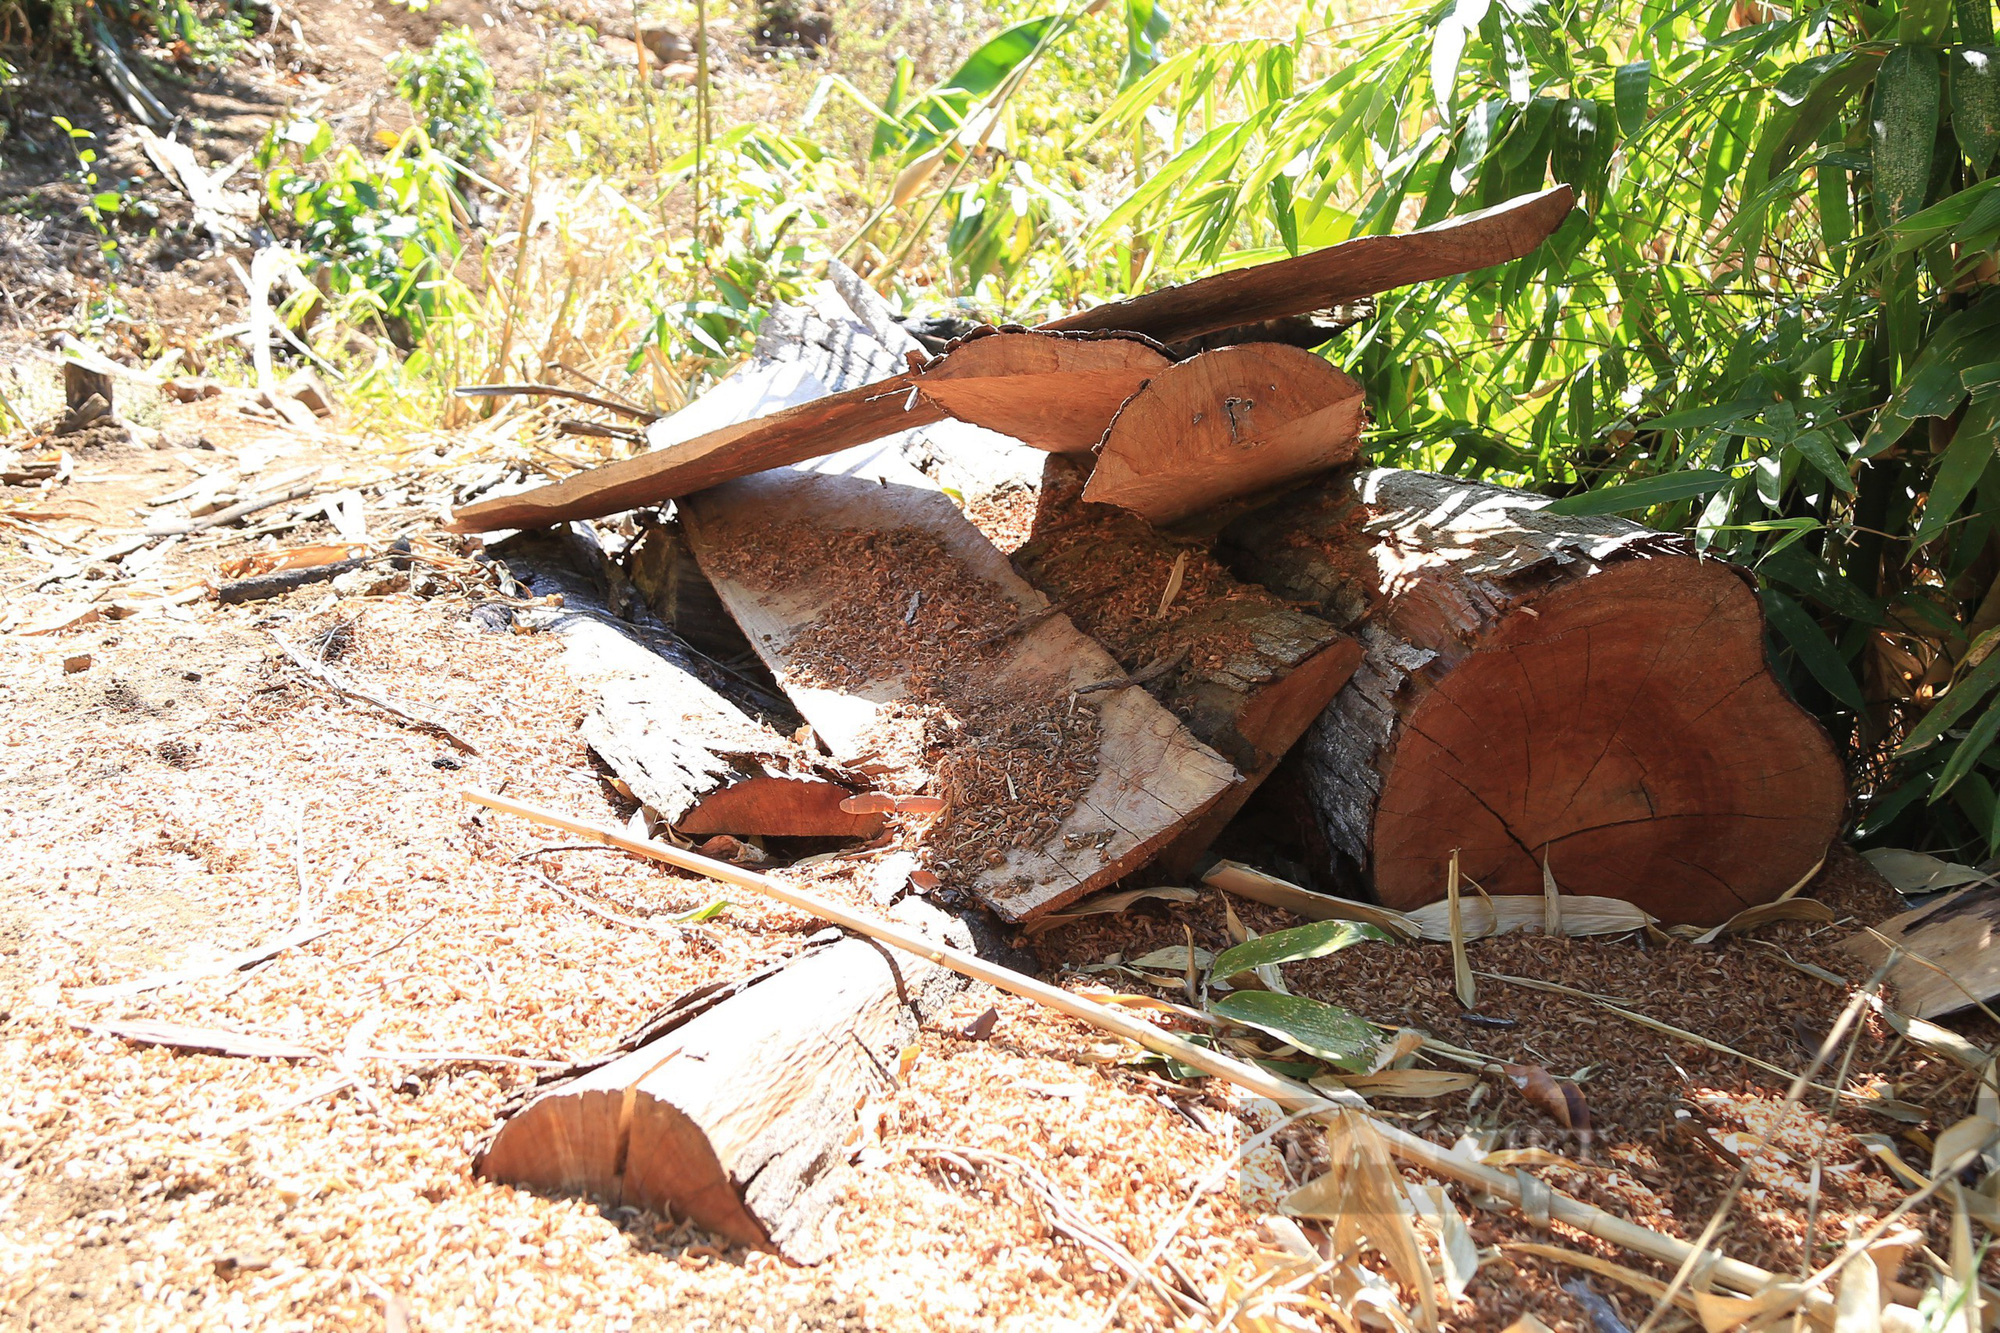 base64 1627897491668306887826 Đắk Lắk: Để mất rừng gây thiệt hại gần 30 tỷ đồng, giám đốc và 8 thuộc cấp bị truy tố